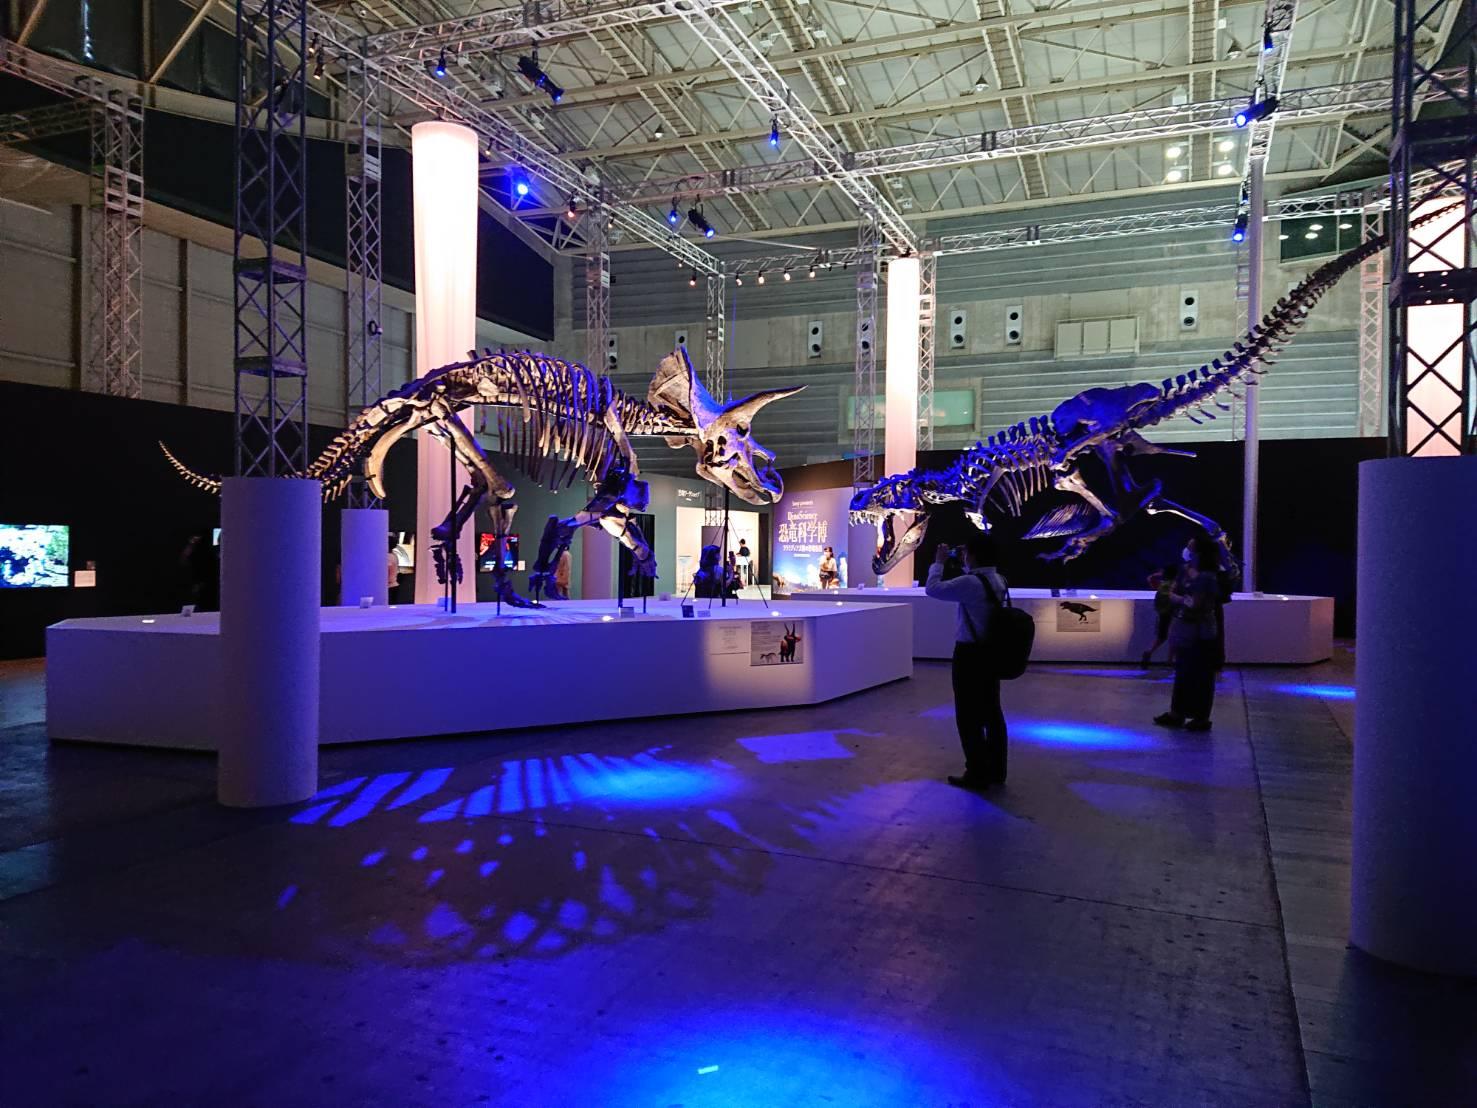 恐竜科学博のナイトミュージアムの照明